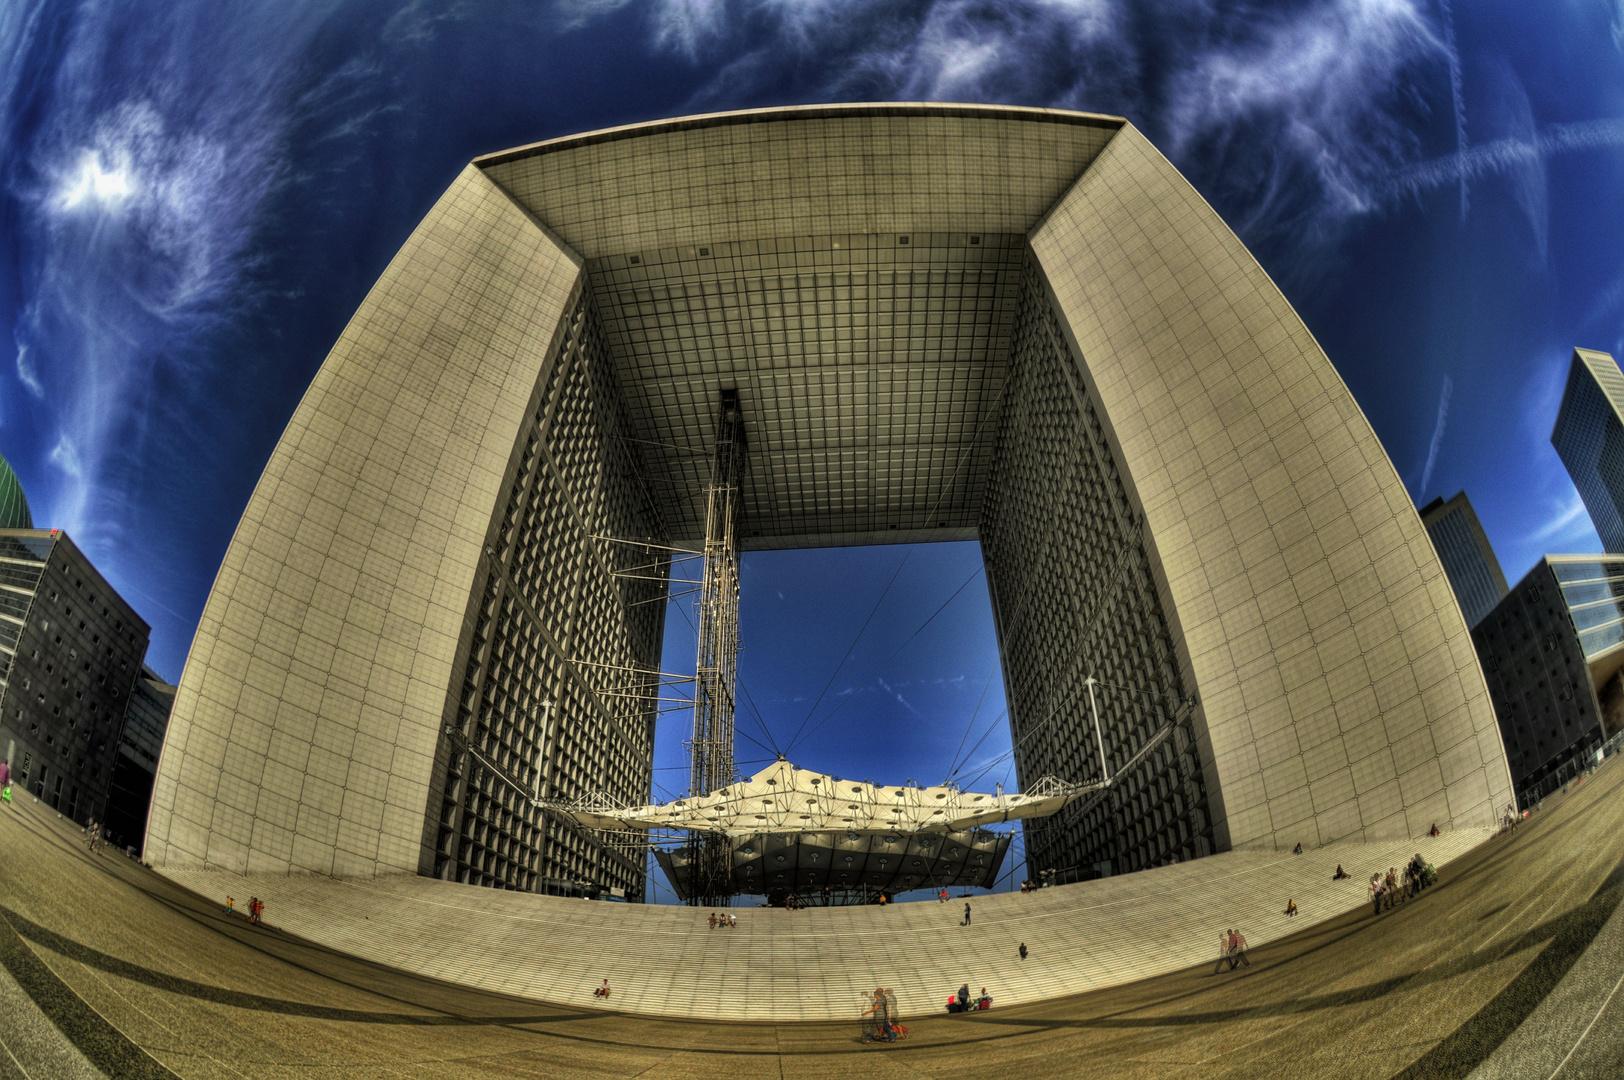 Paris - Grand Arche